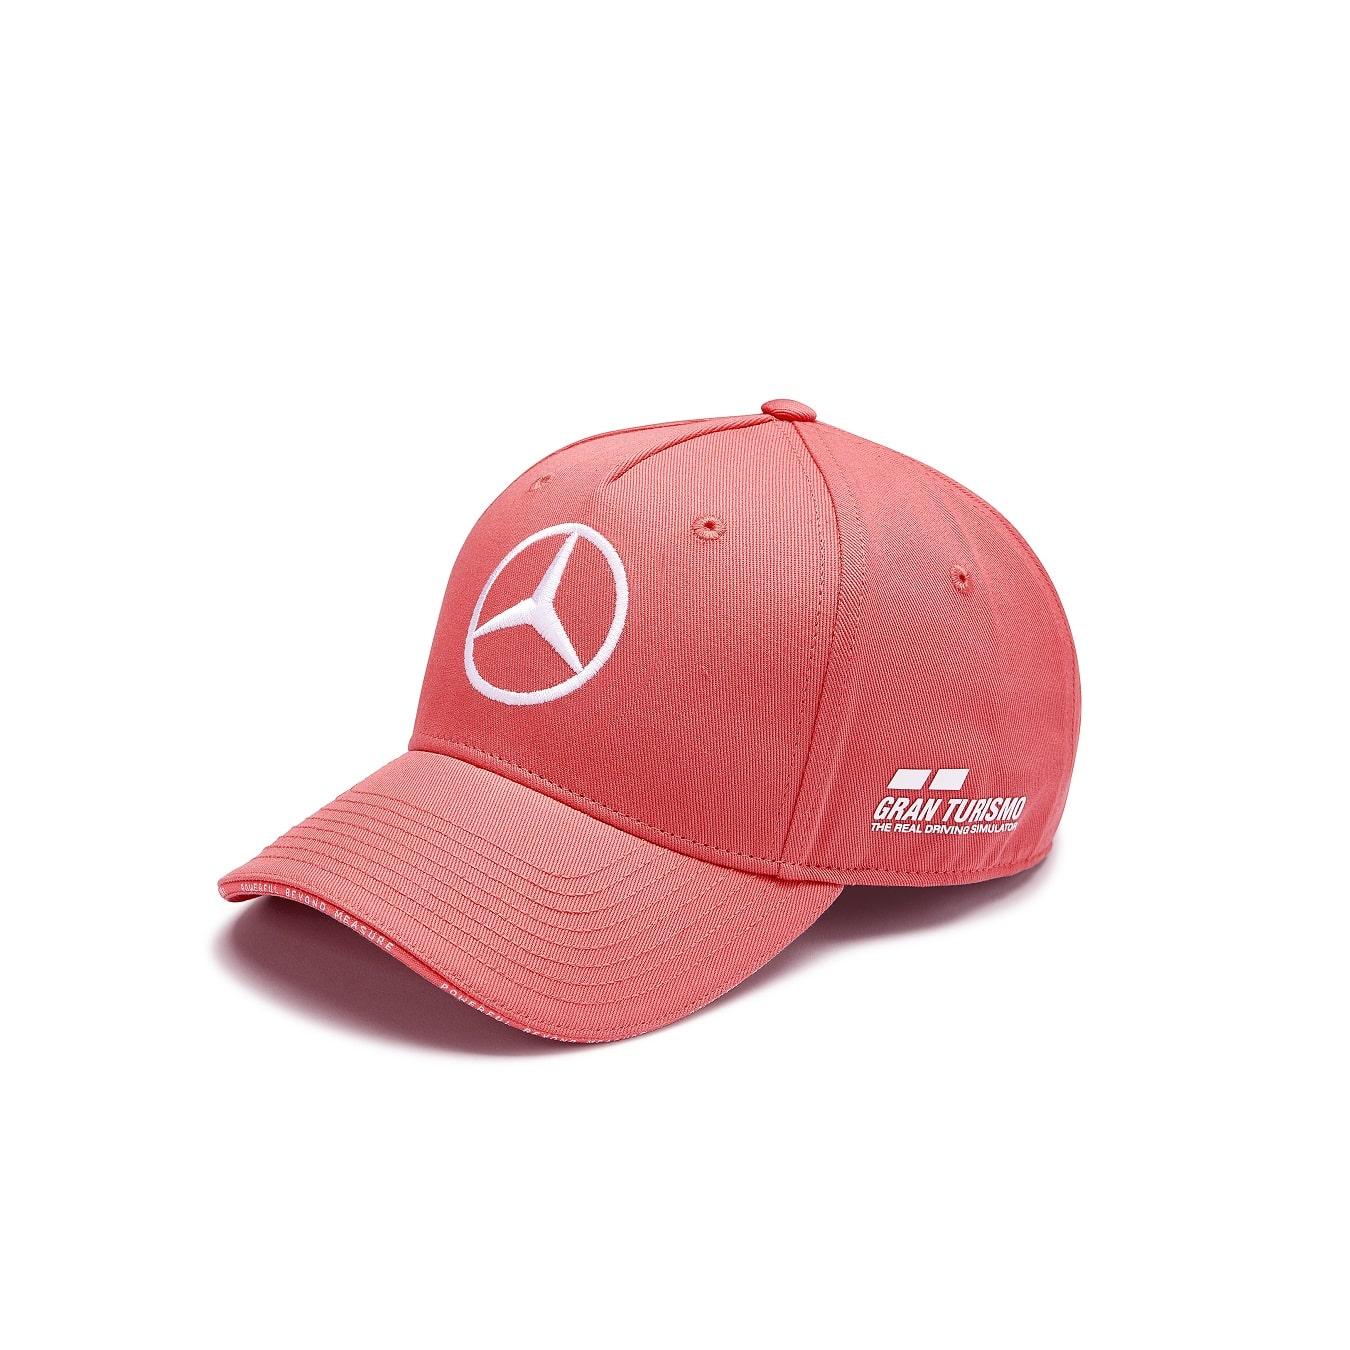 Mercedes AMG Petronas enfant Driver T-shirt 2018 Noir-HAMILTON-GRATUIT UK LIVRAISON